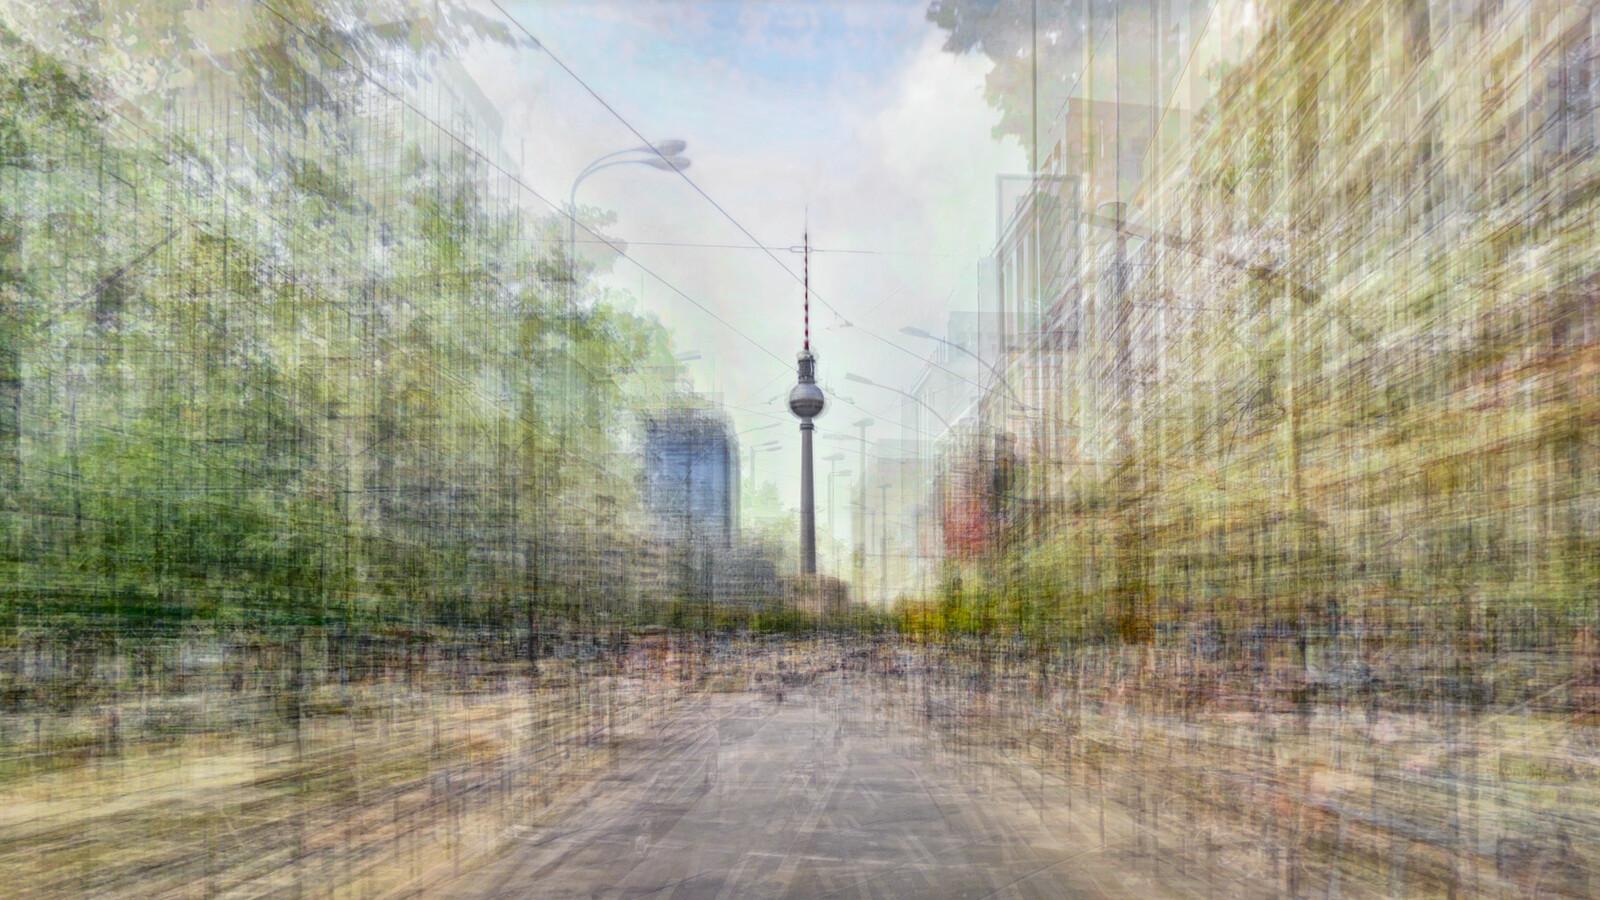 Prenzlauer Allee, Berlin - Pep Ventosa